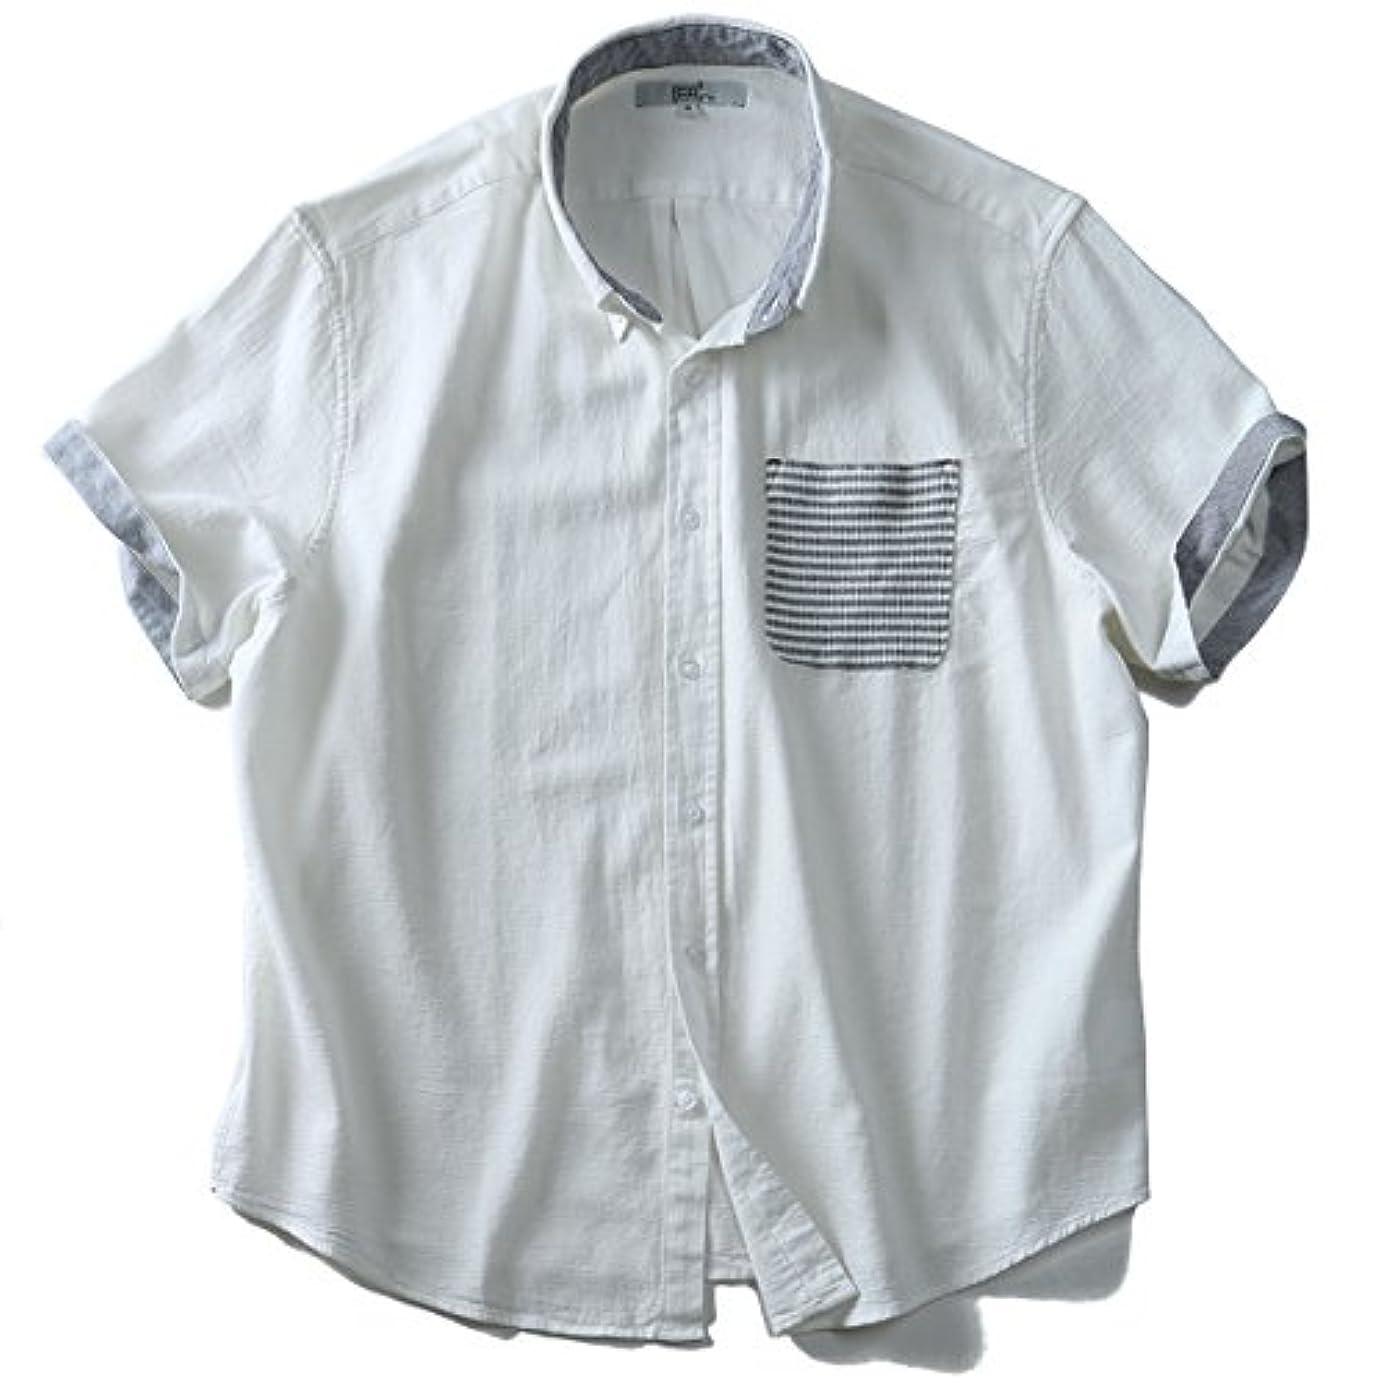 くぼみ快い窓を洗う半袖パナマポケット鹿の子切替ボタンダウンシャツ 大きいサイズ メンズ 2L 3L 4L 5L 6L DANIEL DODD